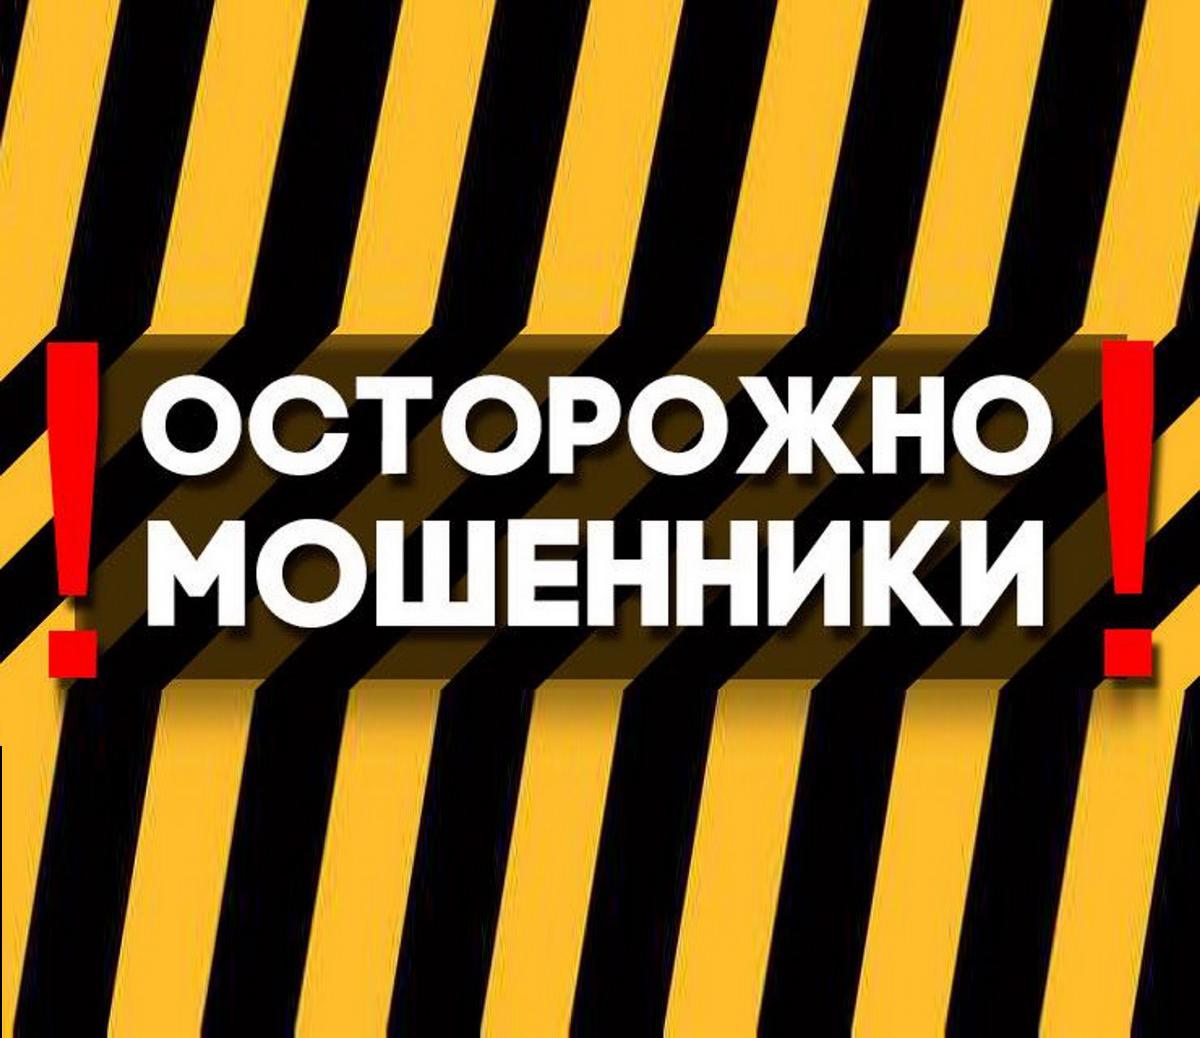 ГУ МВД России по Саратовской области напоминает жителям региона о мерах профилактики мошенничества